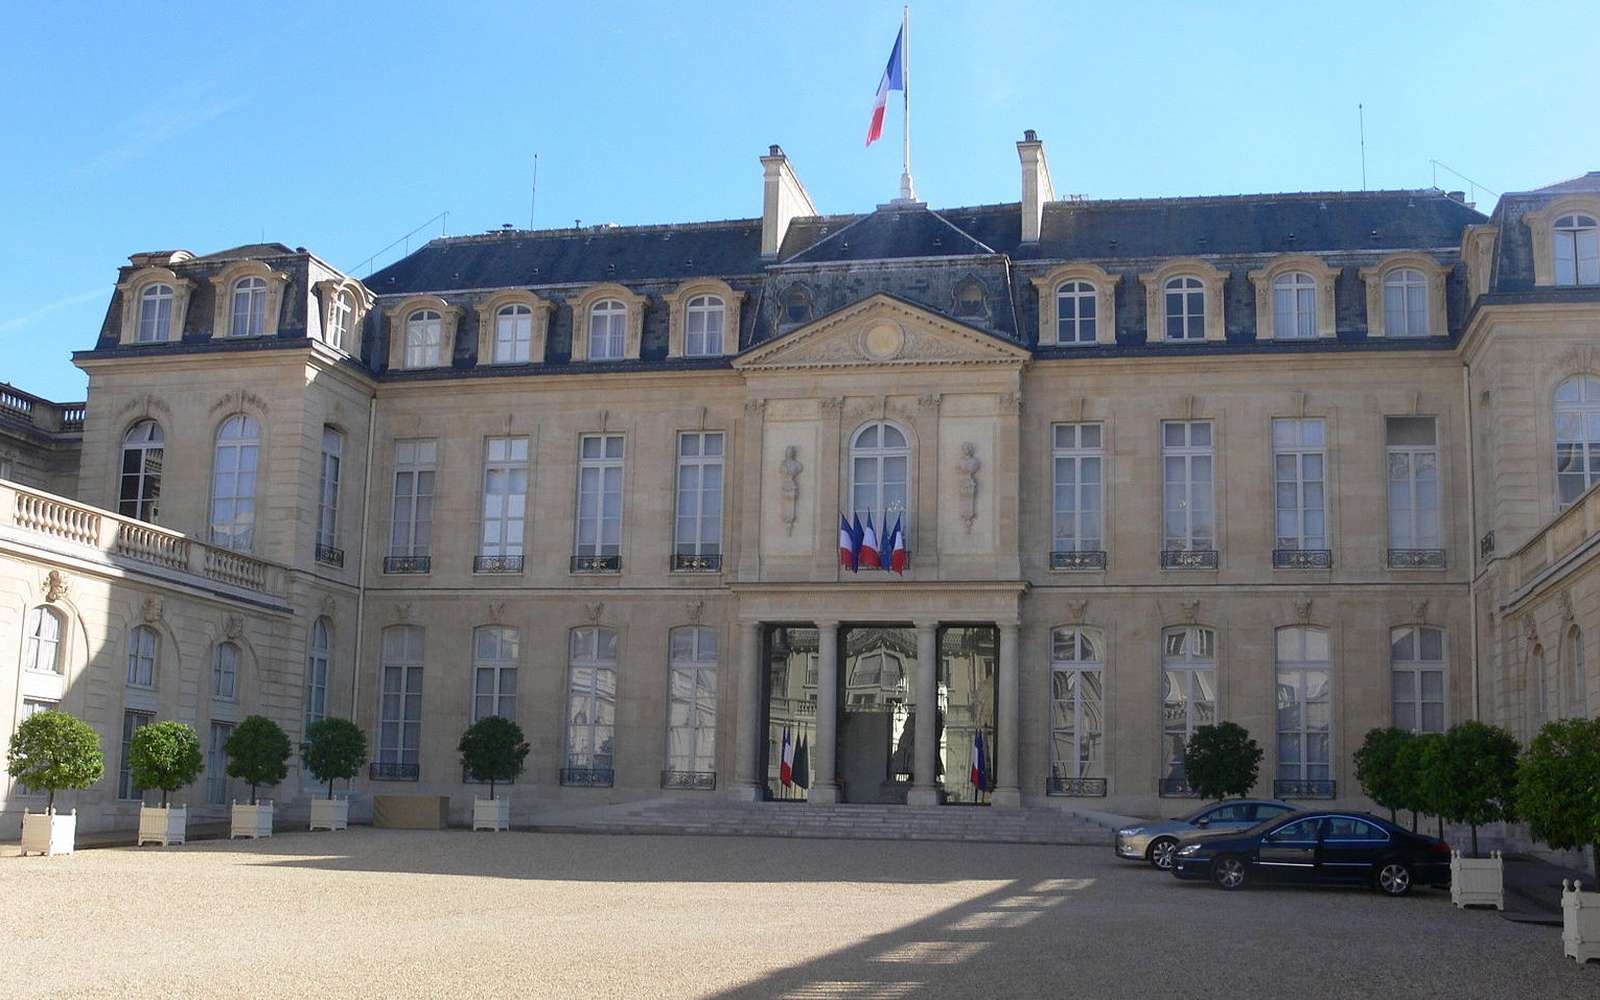 L'État français a lancé sa propre application de messagerie cryptée, mais un expert en sécurité l'a déjà piratée. © Rémi Mathis, Wikipedia